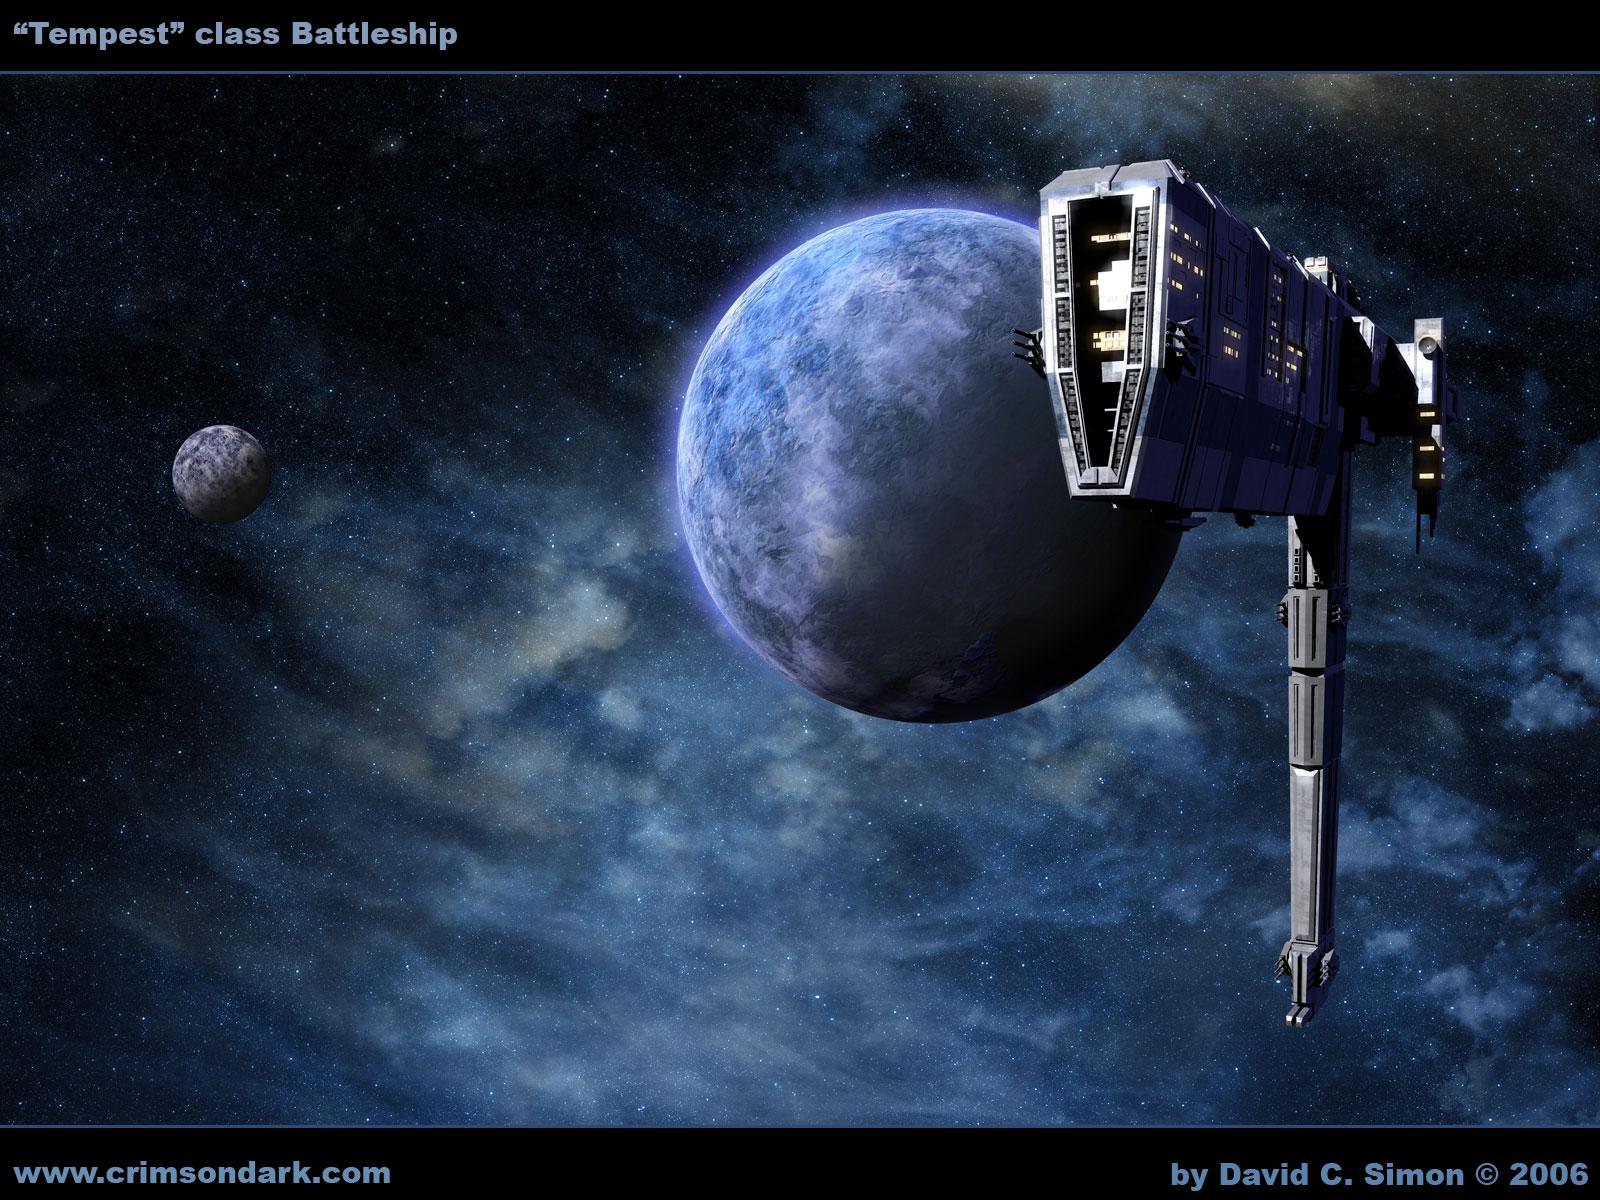 http://4.bp.blogspot.com/--JJZUiAAslM/To7pS1zwfZI/AAAAAAAAAtE/7Ub_RKVSLtM/s1600/Tempest_class_Battleship_by_the_least.jpg